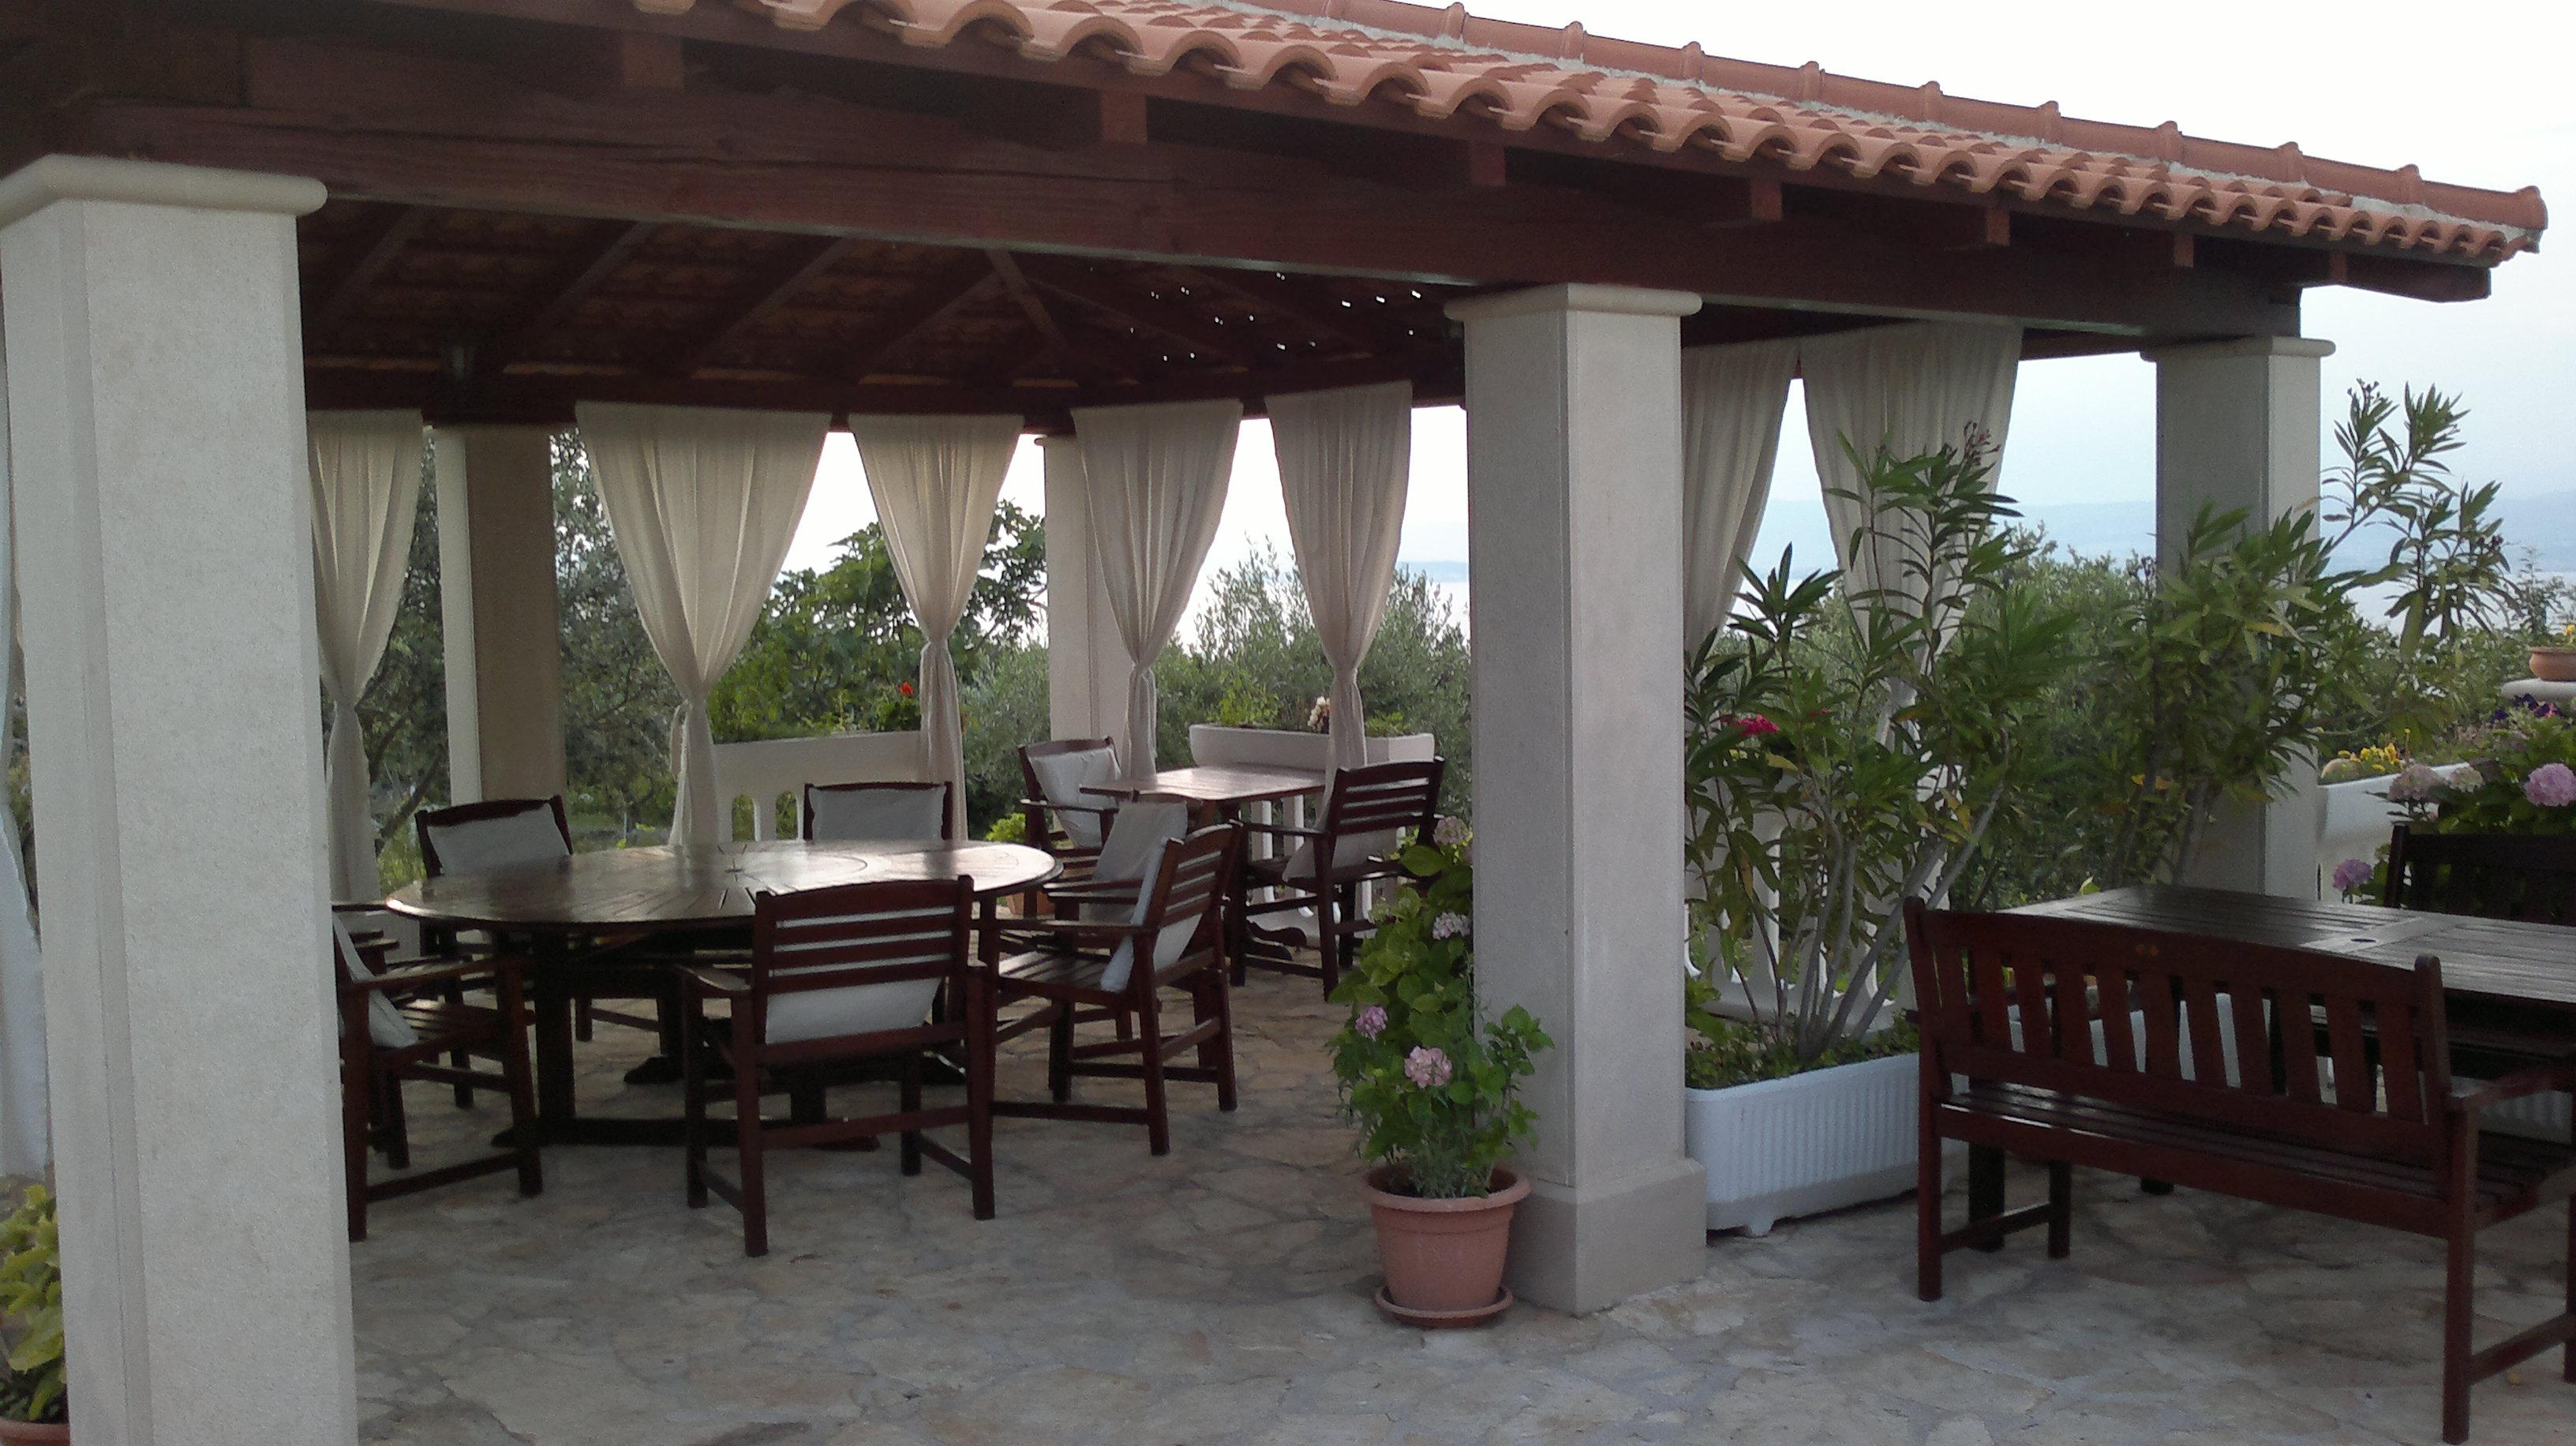 Restoran Ziza